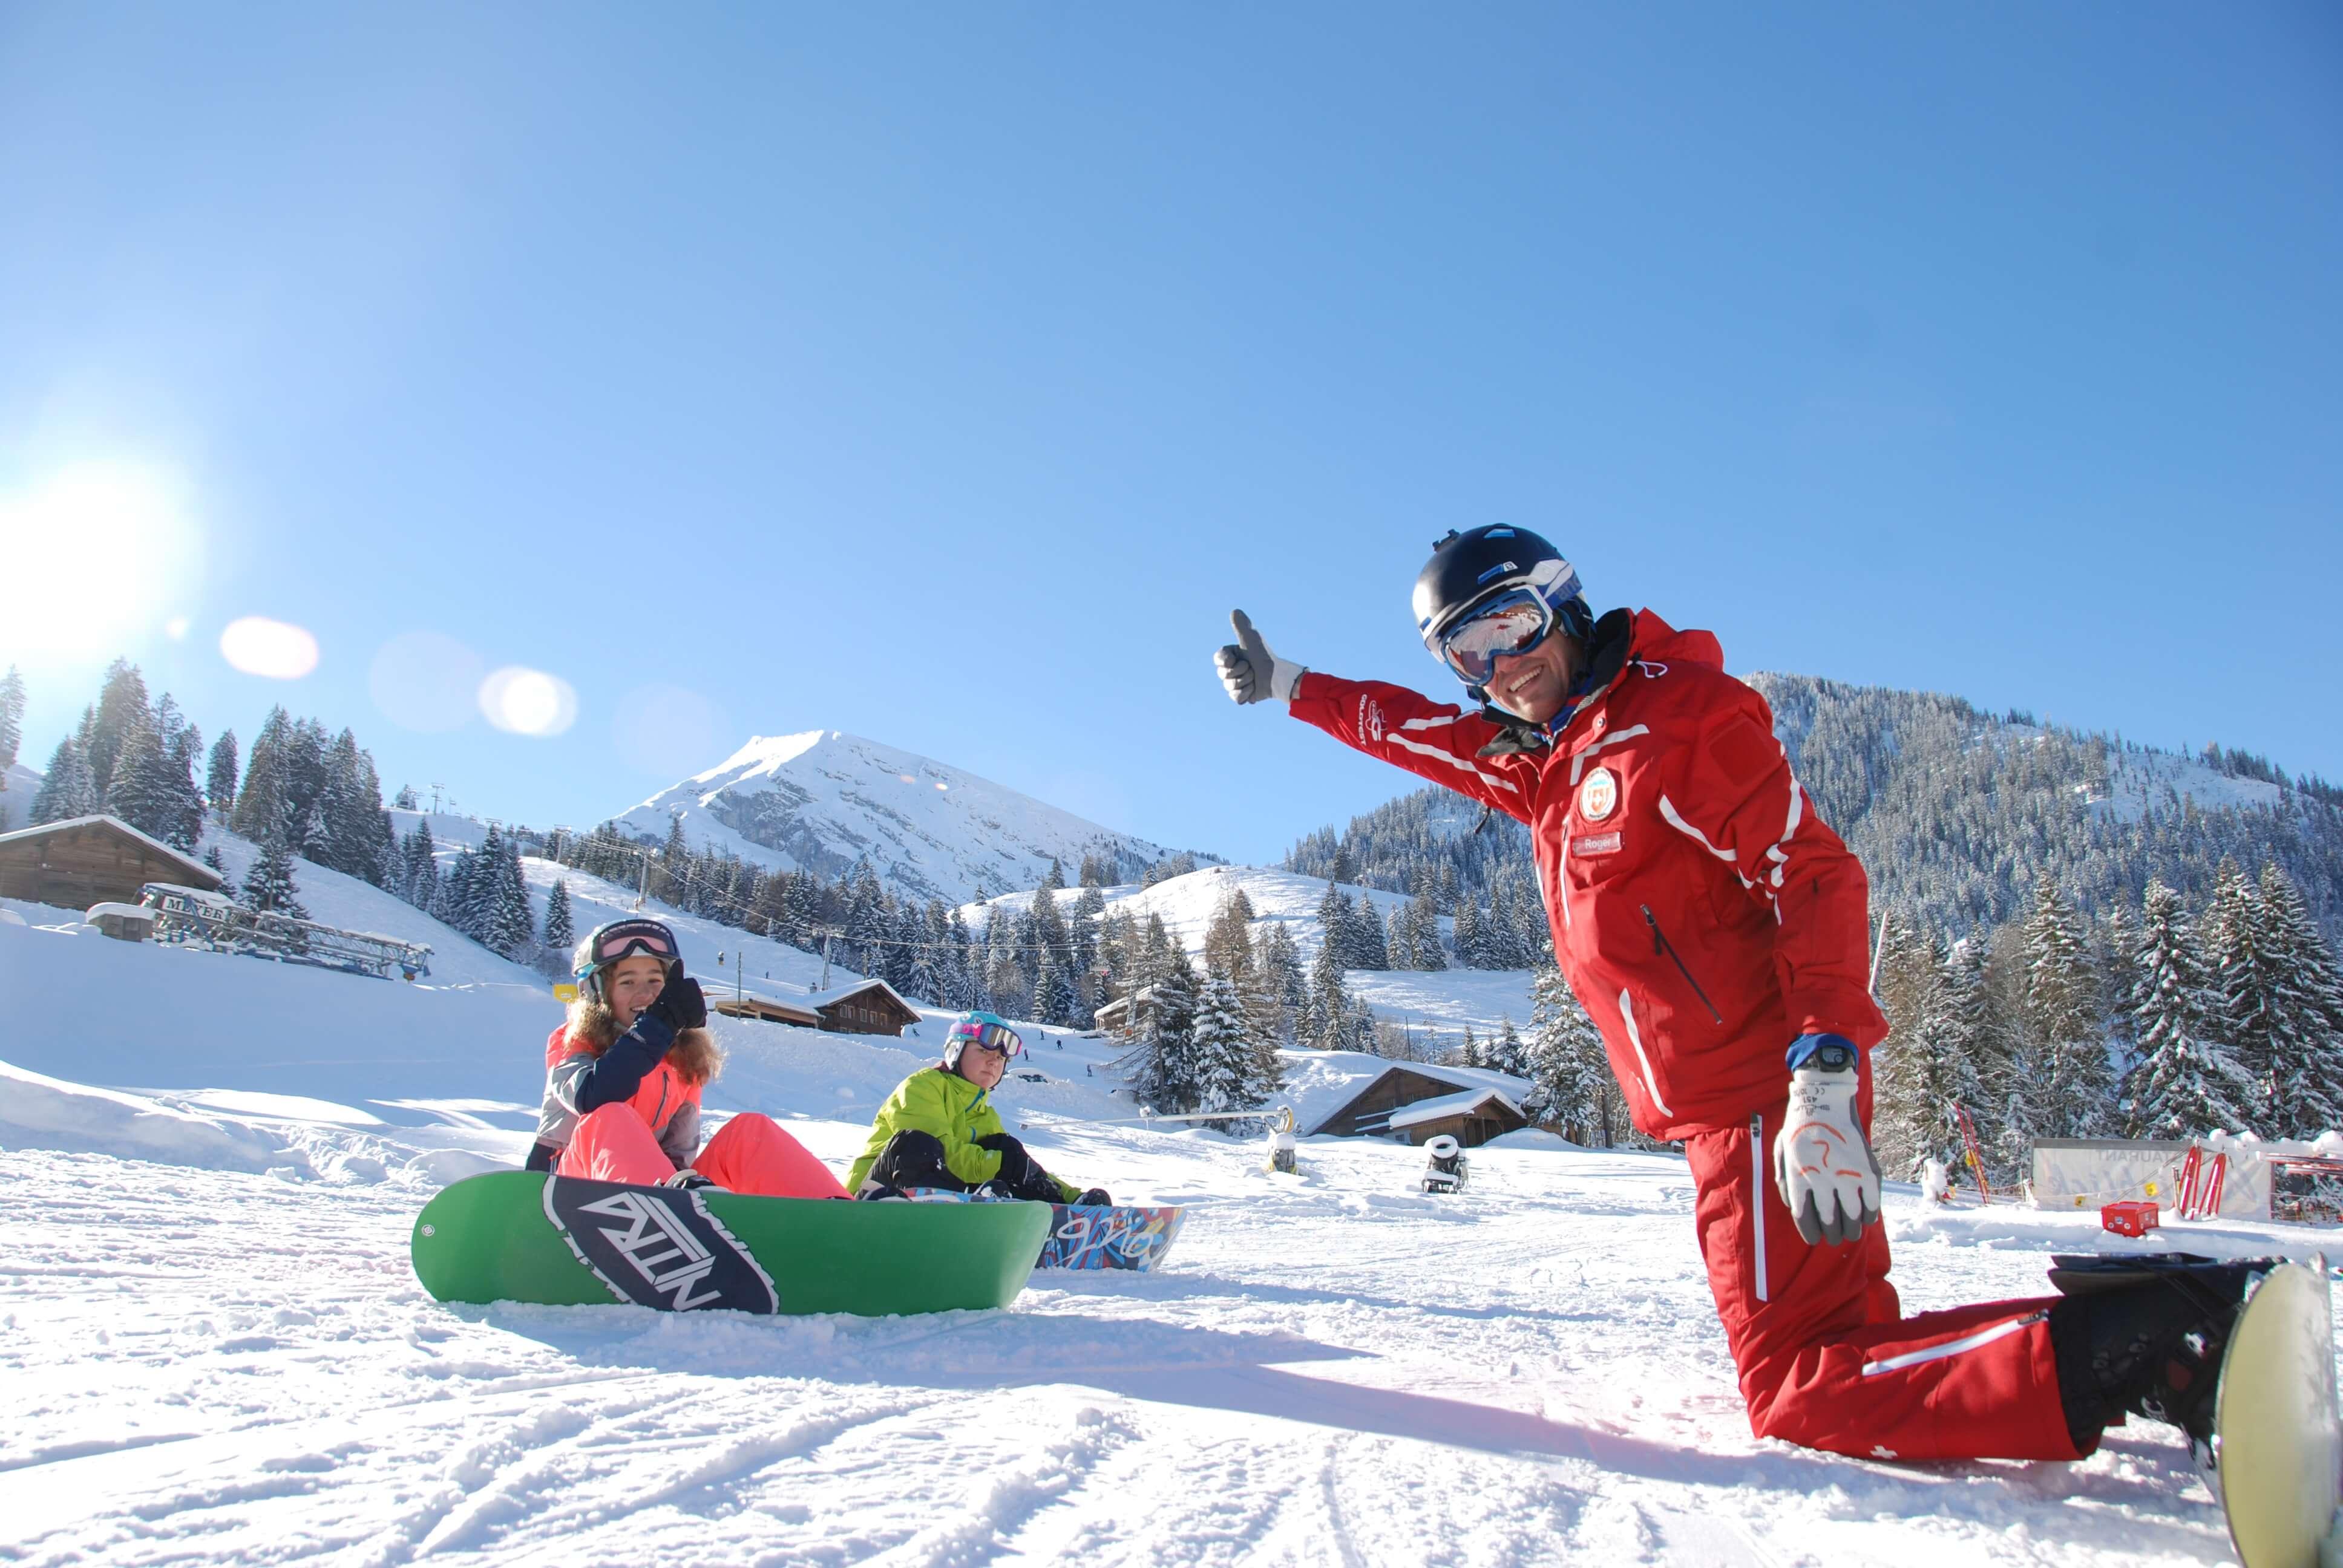 Snowboardunterricht am Wiriehorn vor toller Bergkulisse